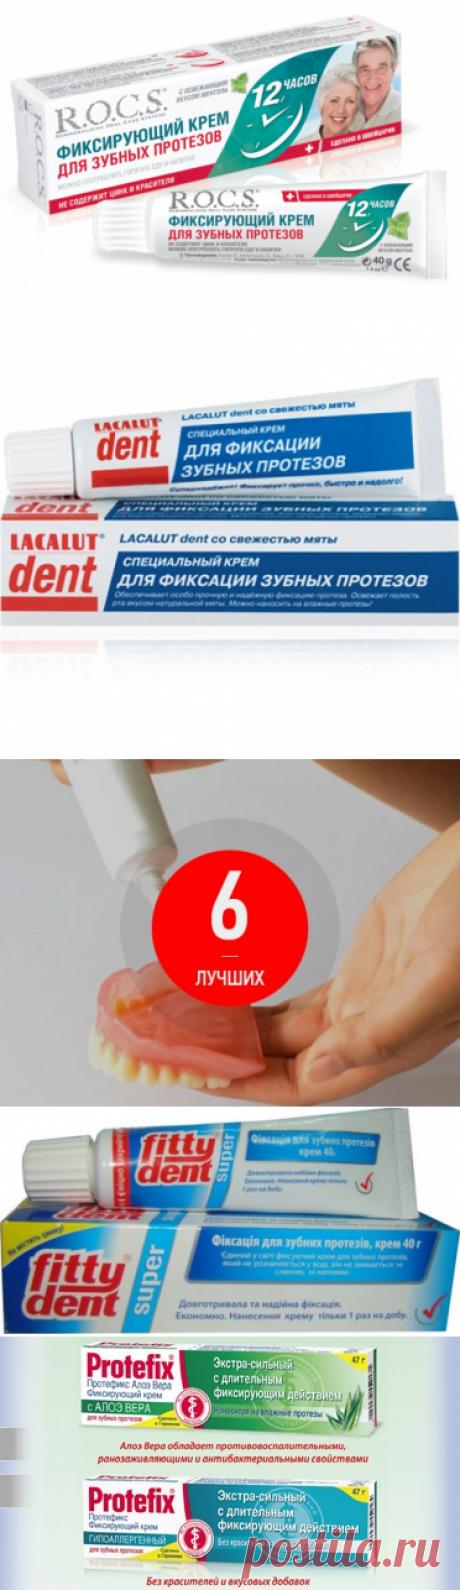 6 лучших кремов для зубных протезов — ТОП 6 — 22984 просмотра